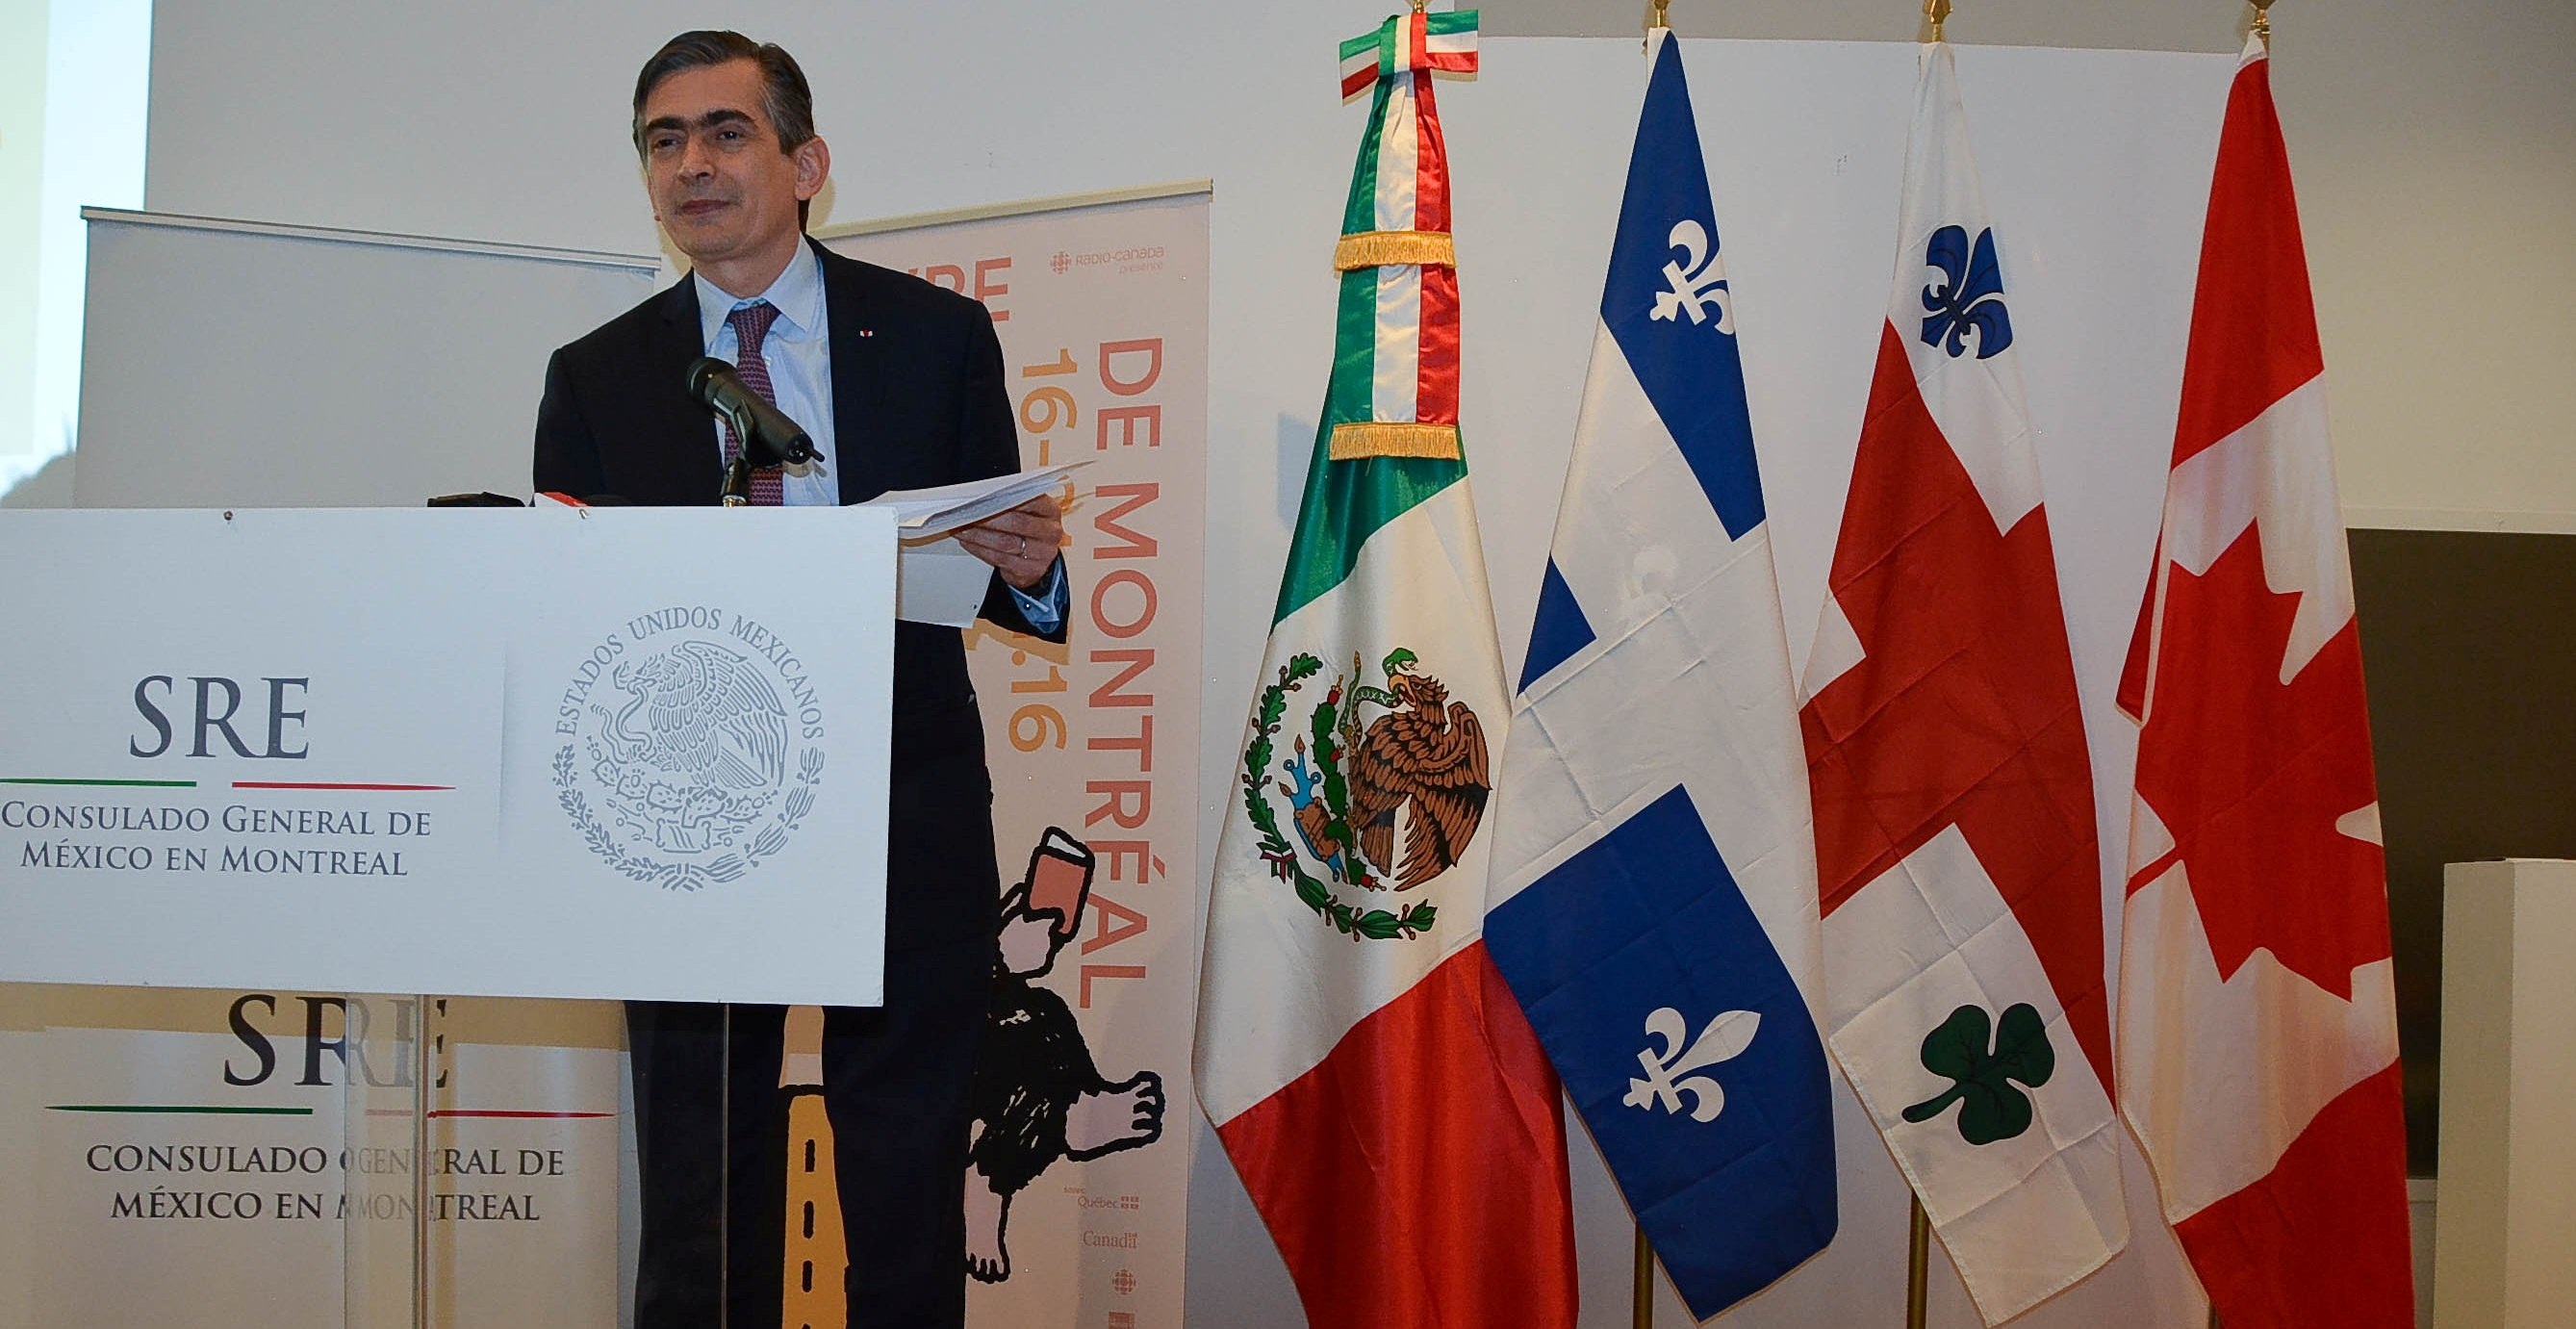 Le Mexique, l'acteur qui monte dans la francophonie d'Amérique